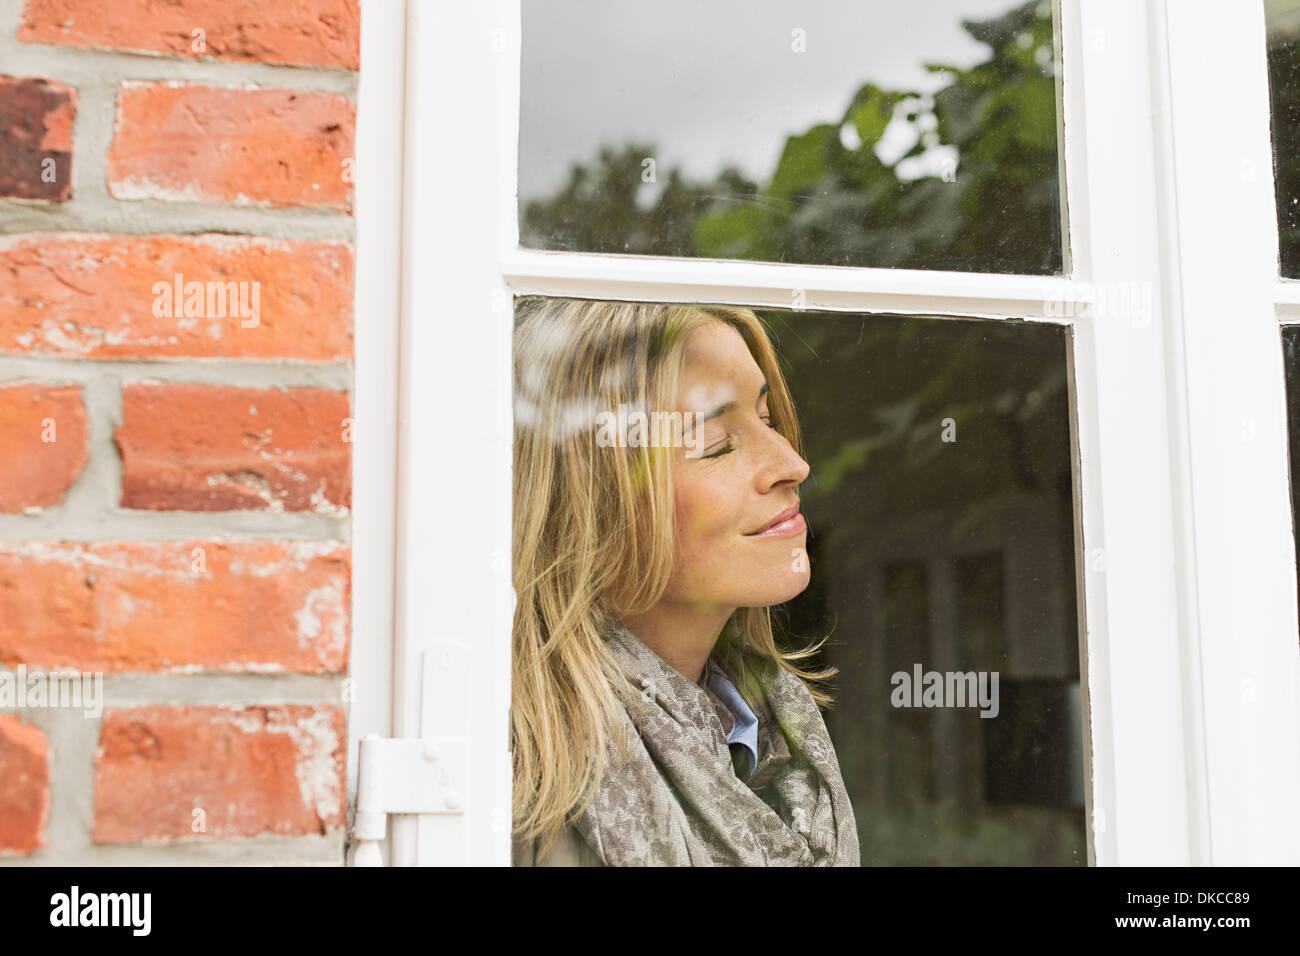 Mitte erwachsenen Frau durch Fenster mit geschlossenen Augen Lächeln Stockbild